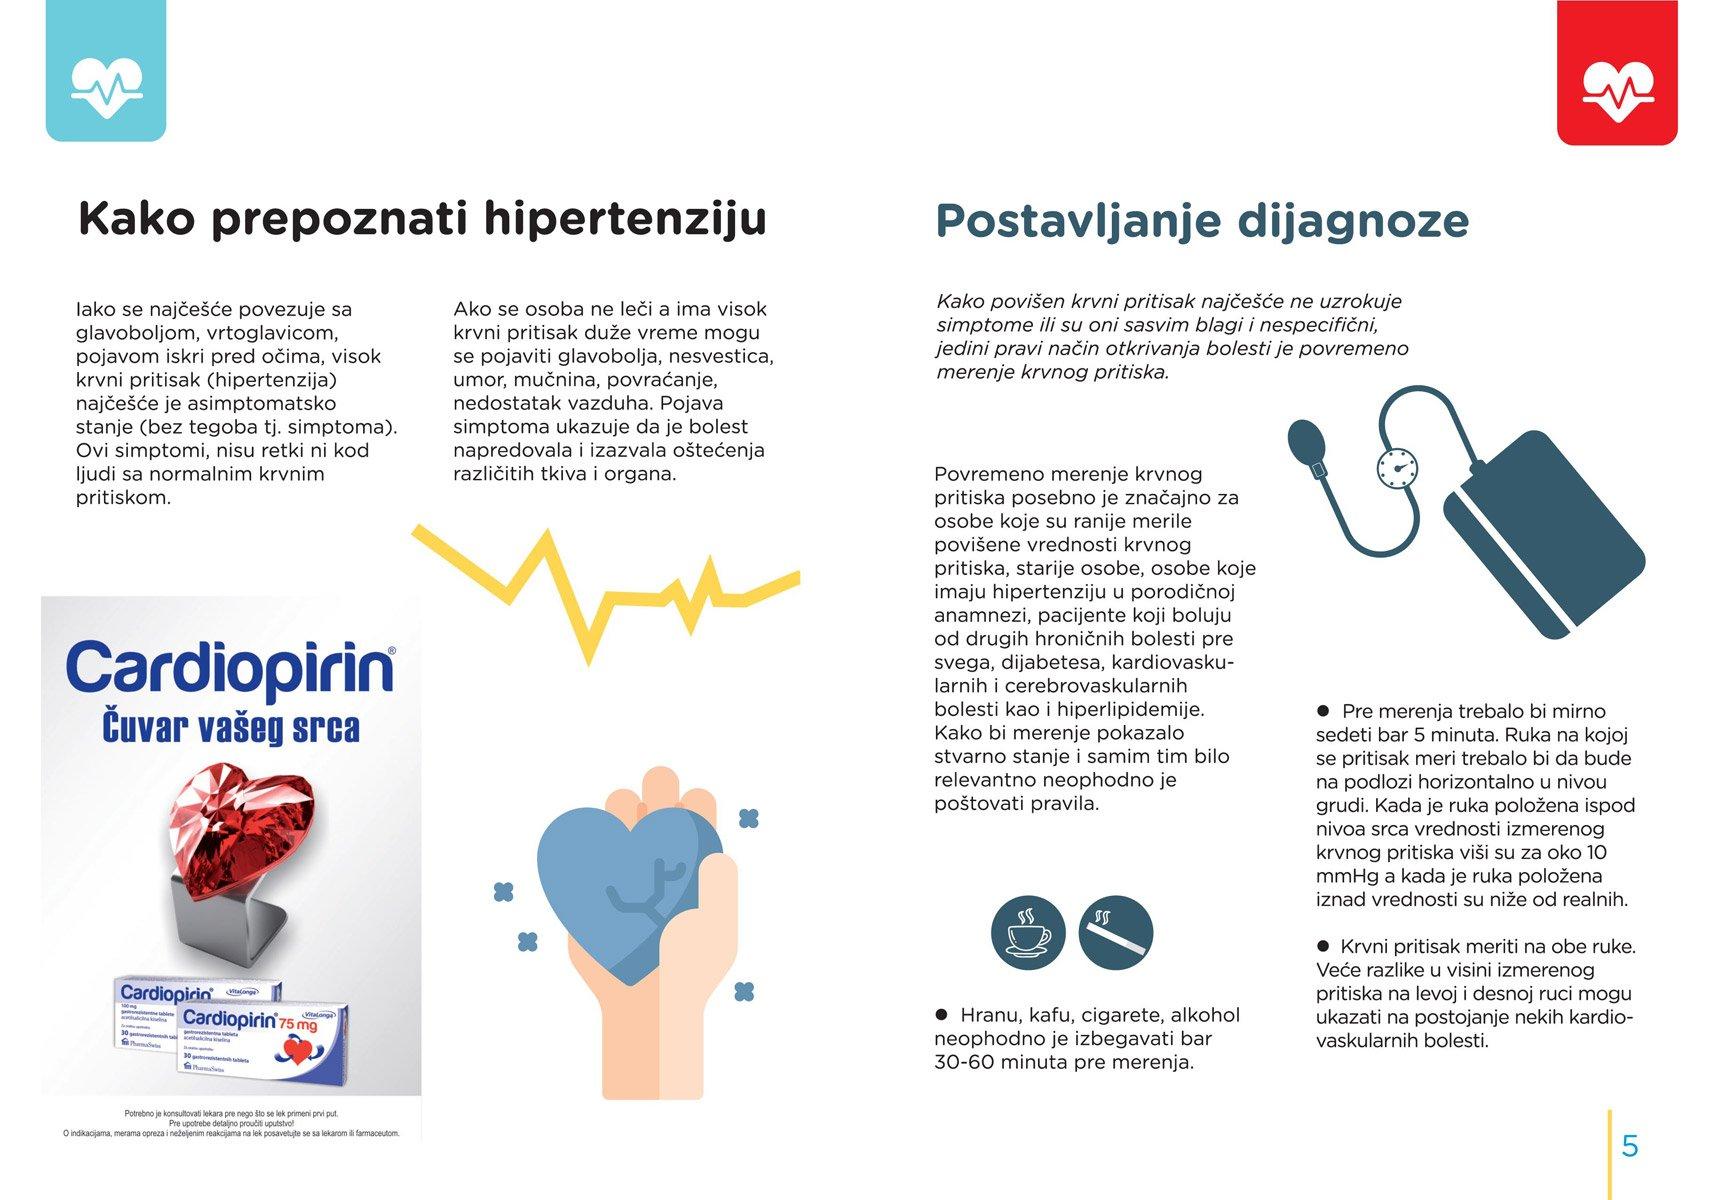 Hipertenzija kao komplikacija osnovne bolesti